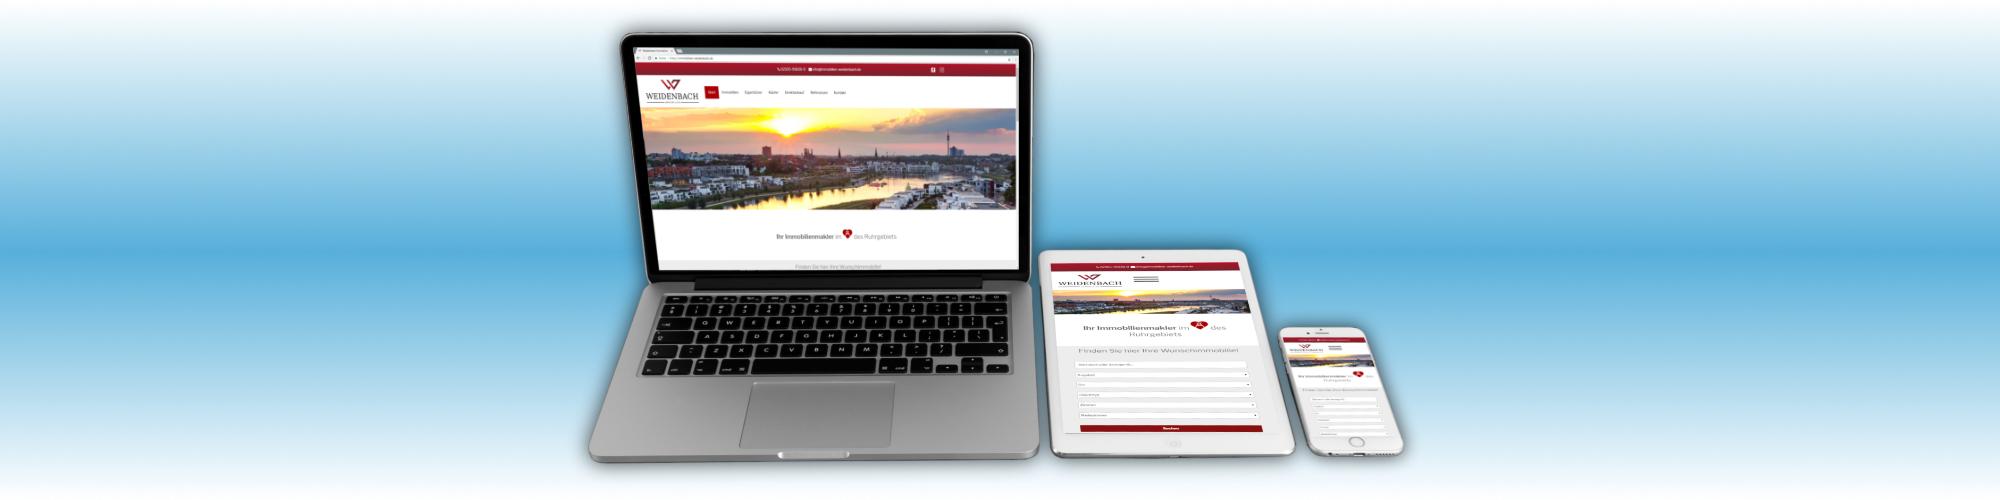 Webdesign für Weidenbach Immobilien Herne, einem Immobilienmakler und Finanzierungsexperten